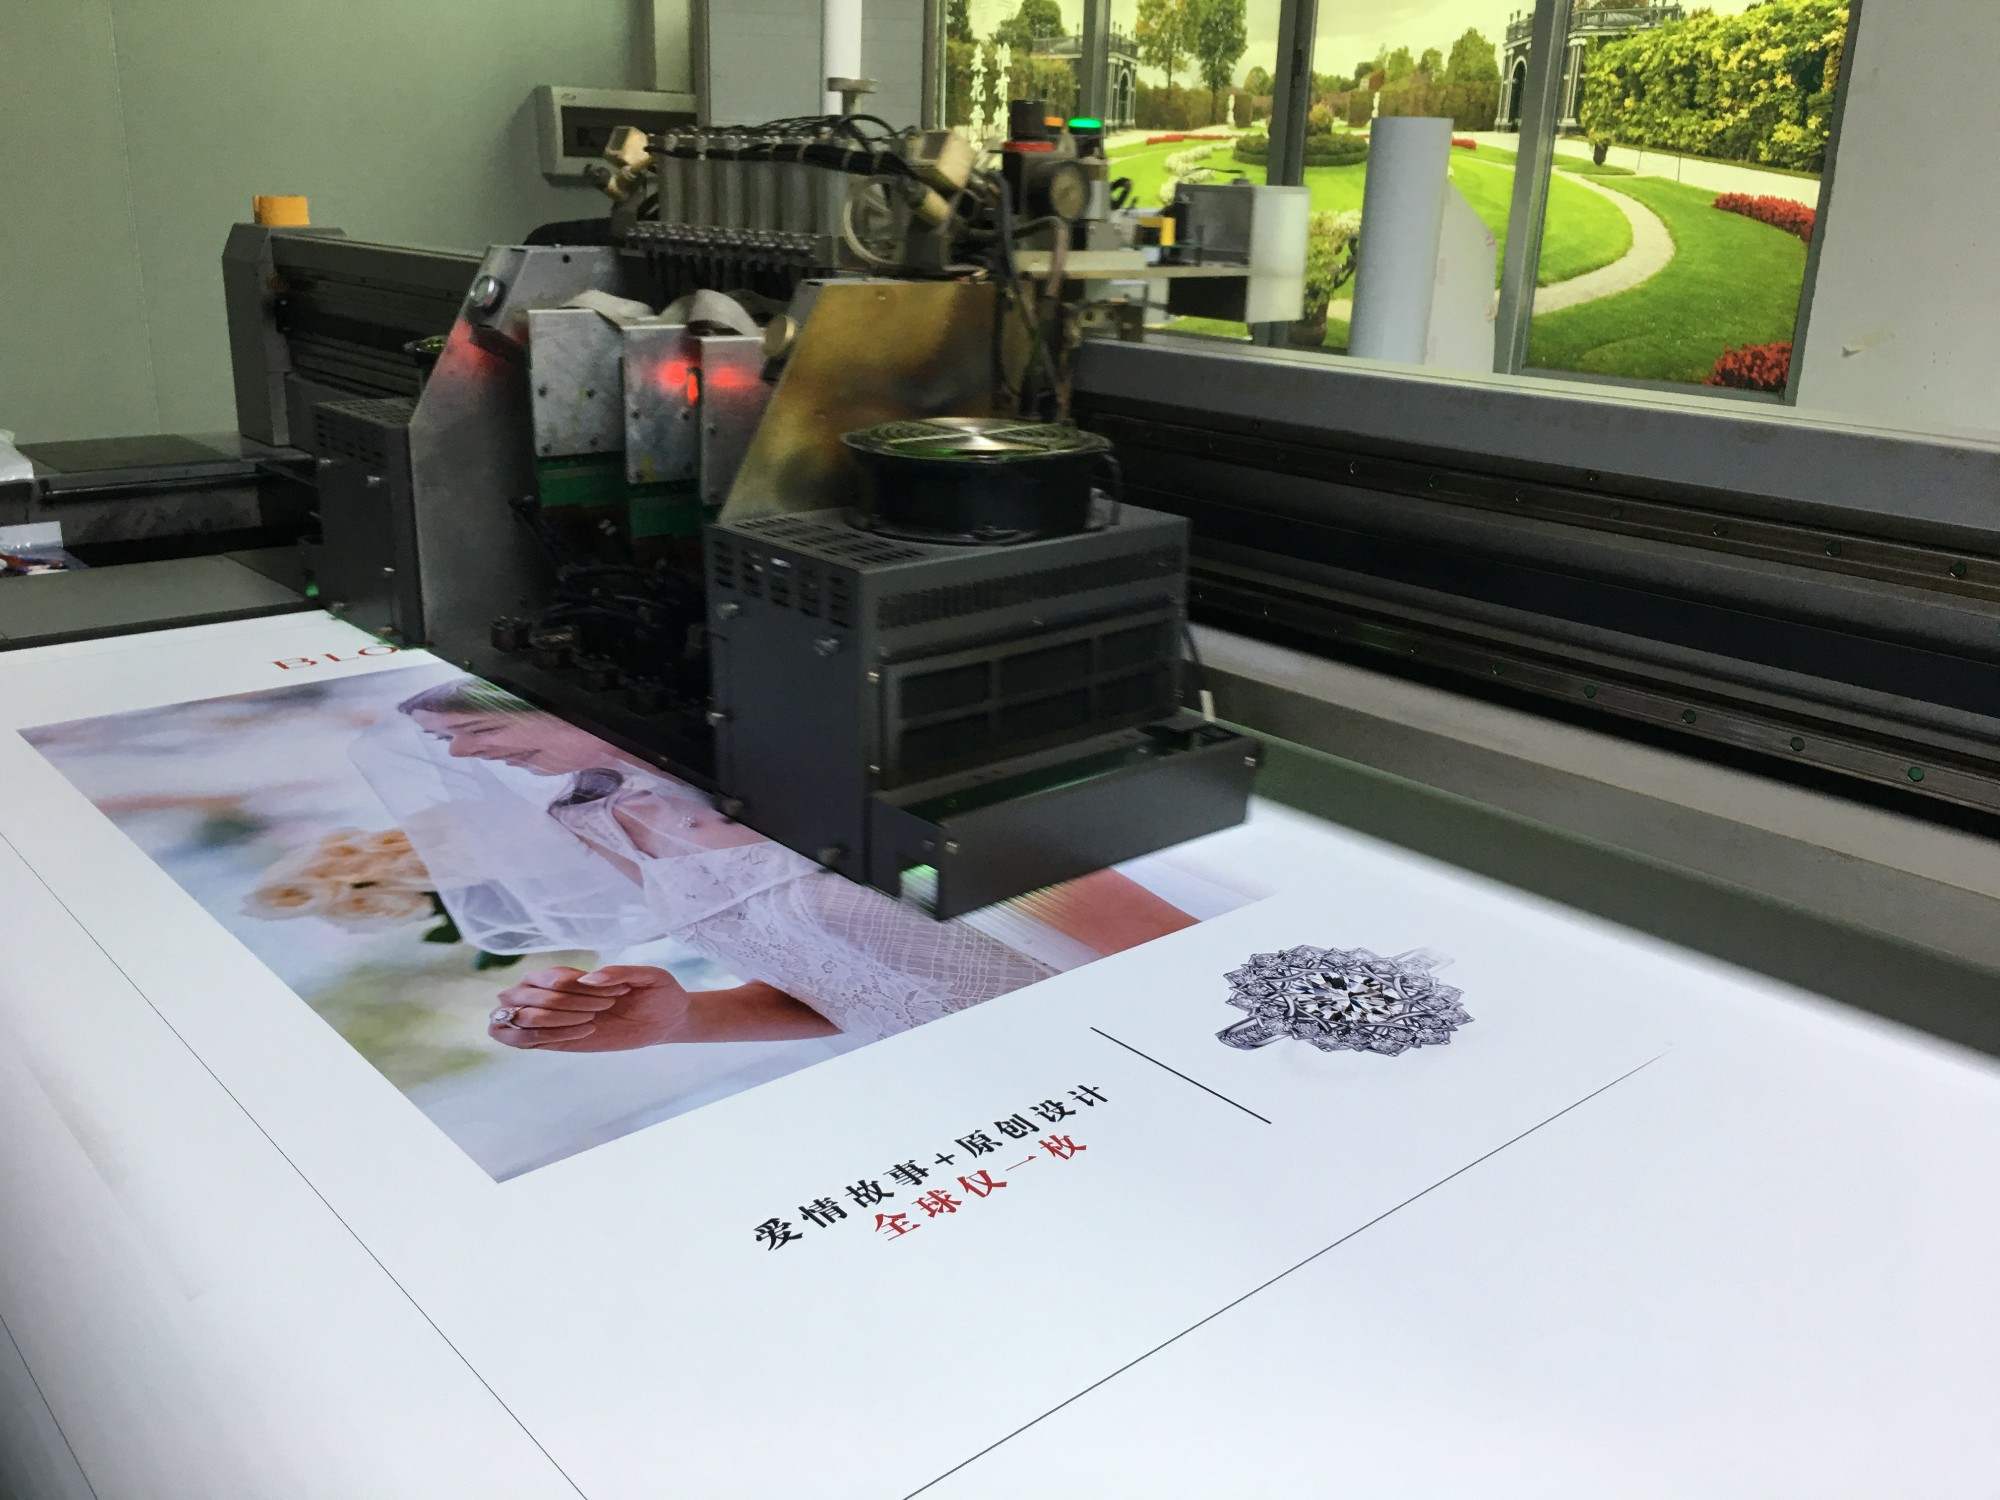 Waterproof Paper UV Printing Advertising Posters Manufacturers, Waterproof Paper UV Printing Advertising Posters Factory, Supply Waterproof Paper UV Printing Advertising Posters